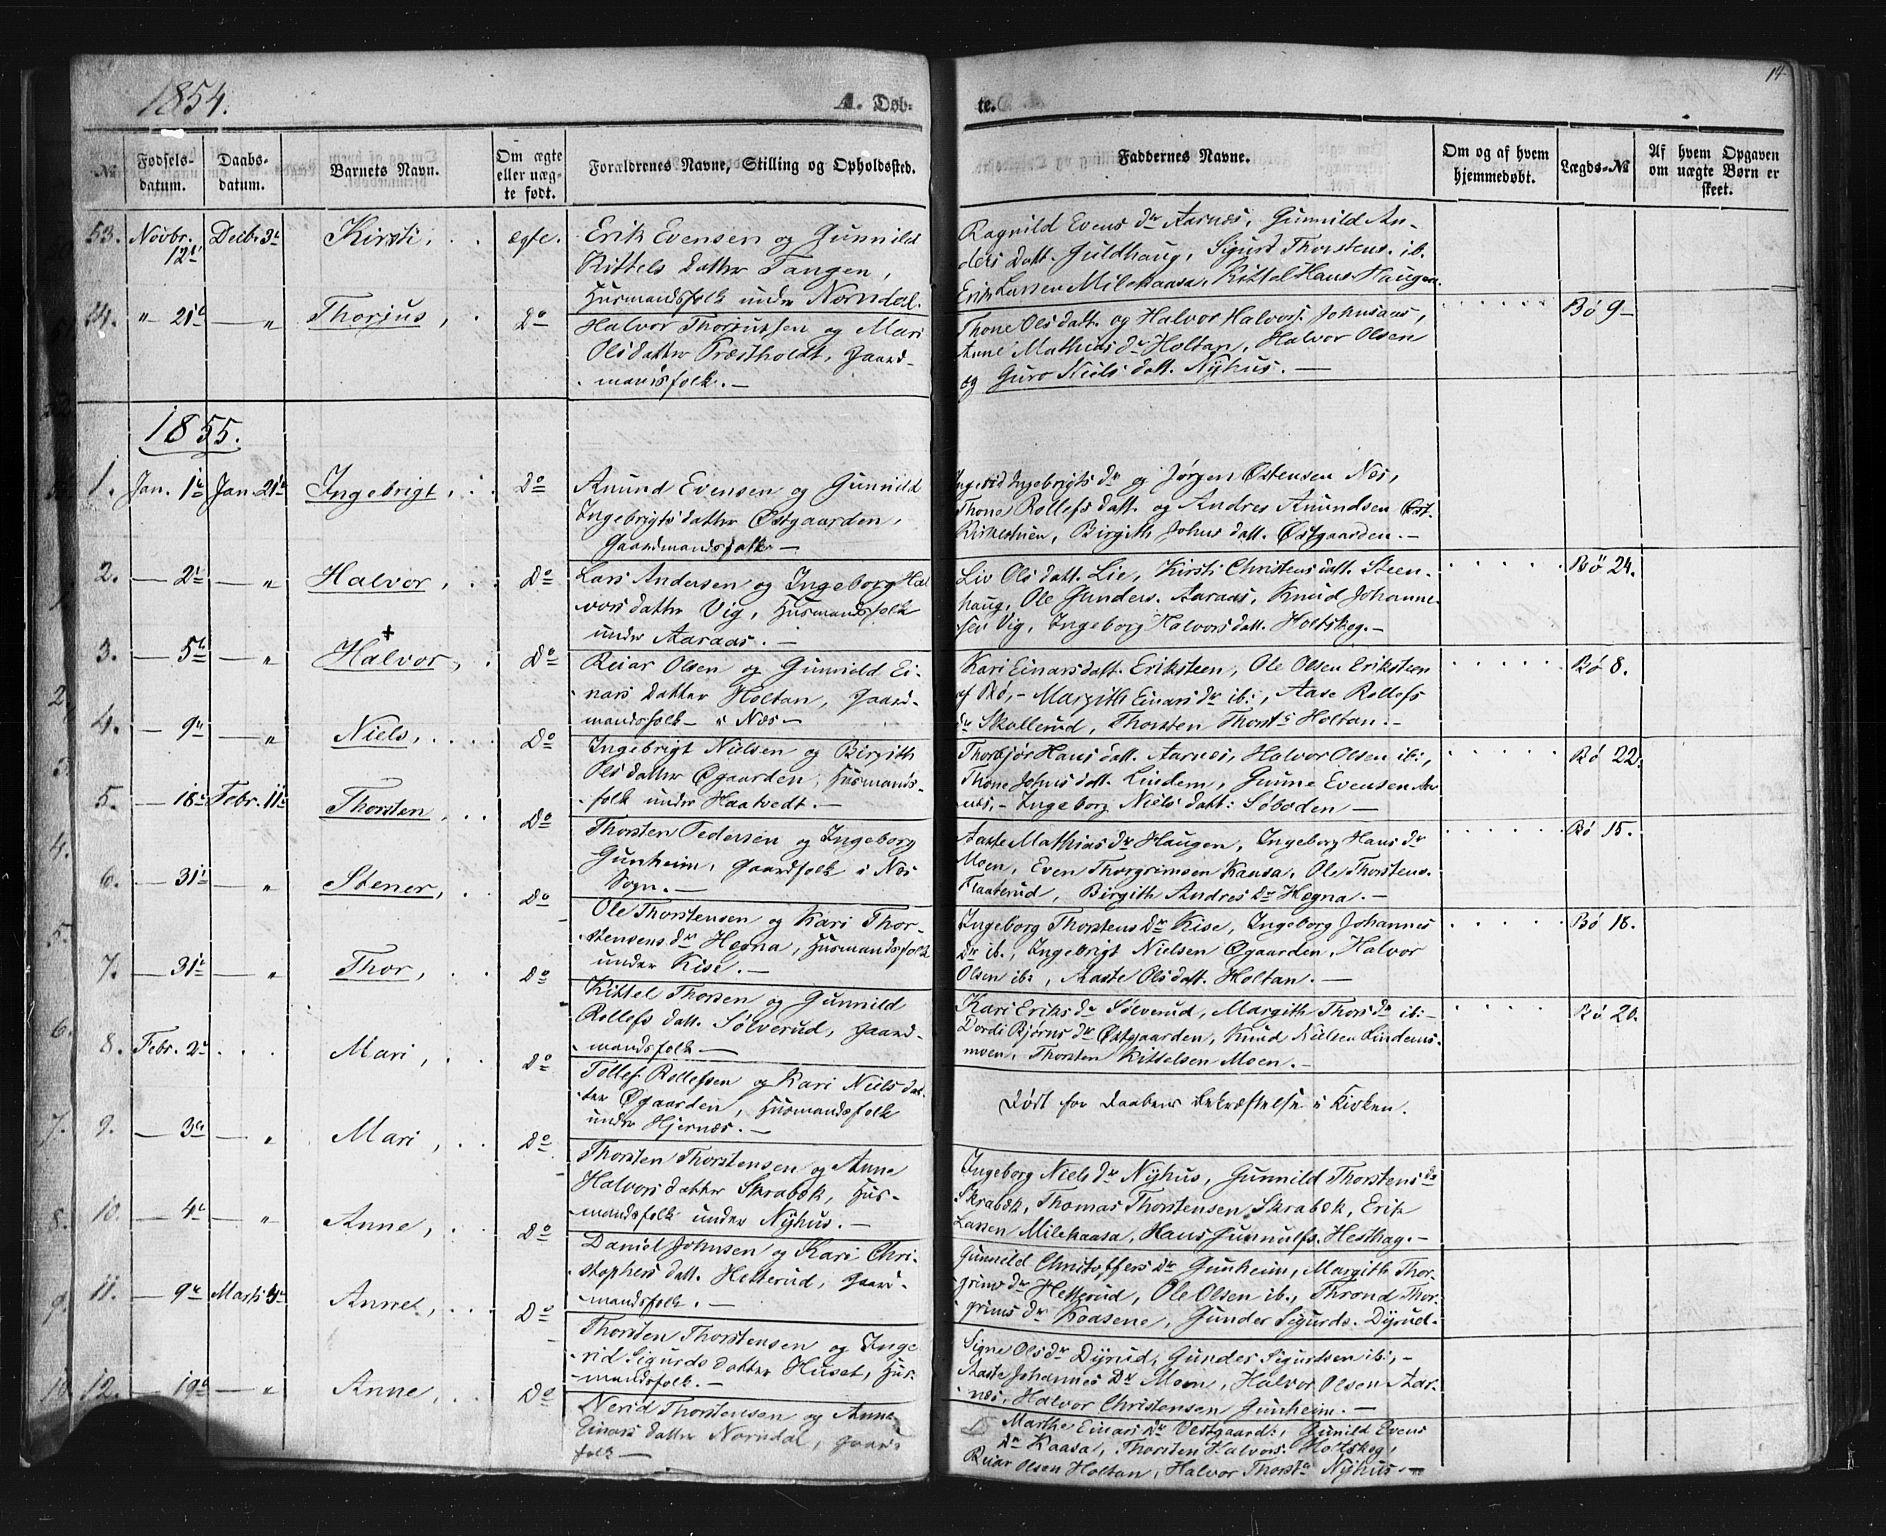 SAKO, Sauherad kirkebøker, F/Fb/L0001: Ministerialbok nr. II 1, 1851-1877, s. 14